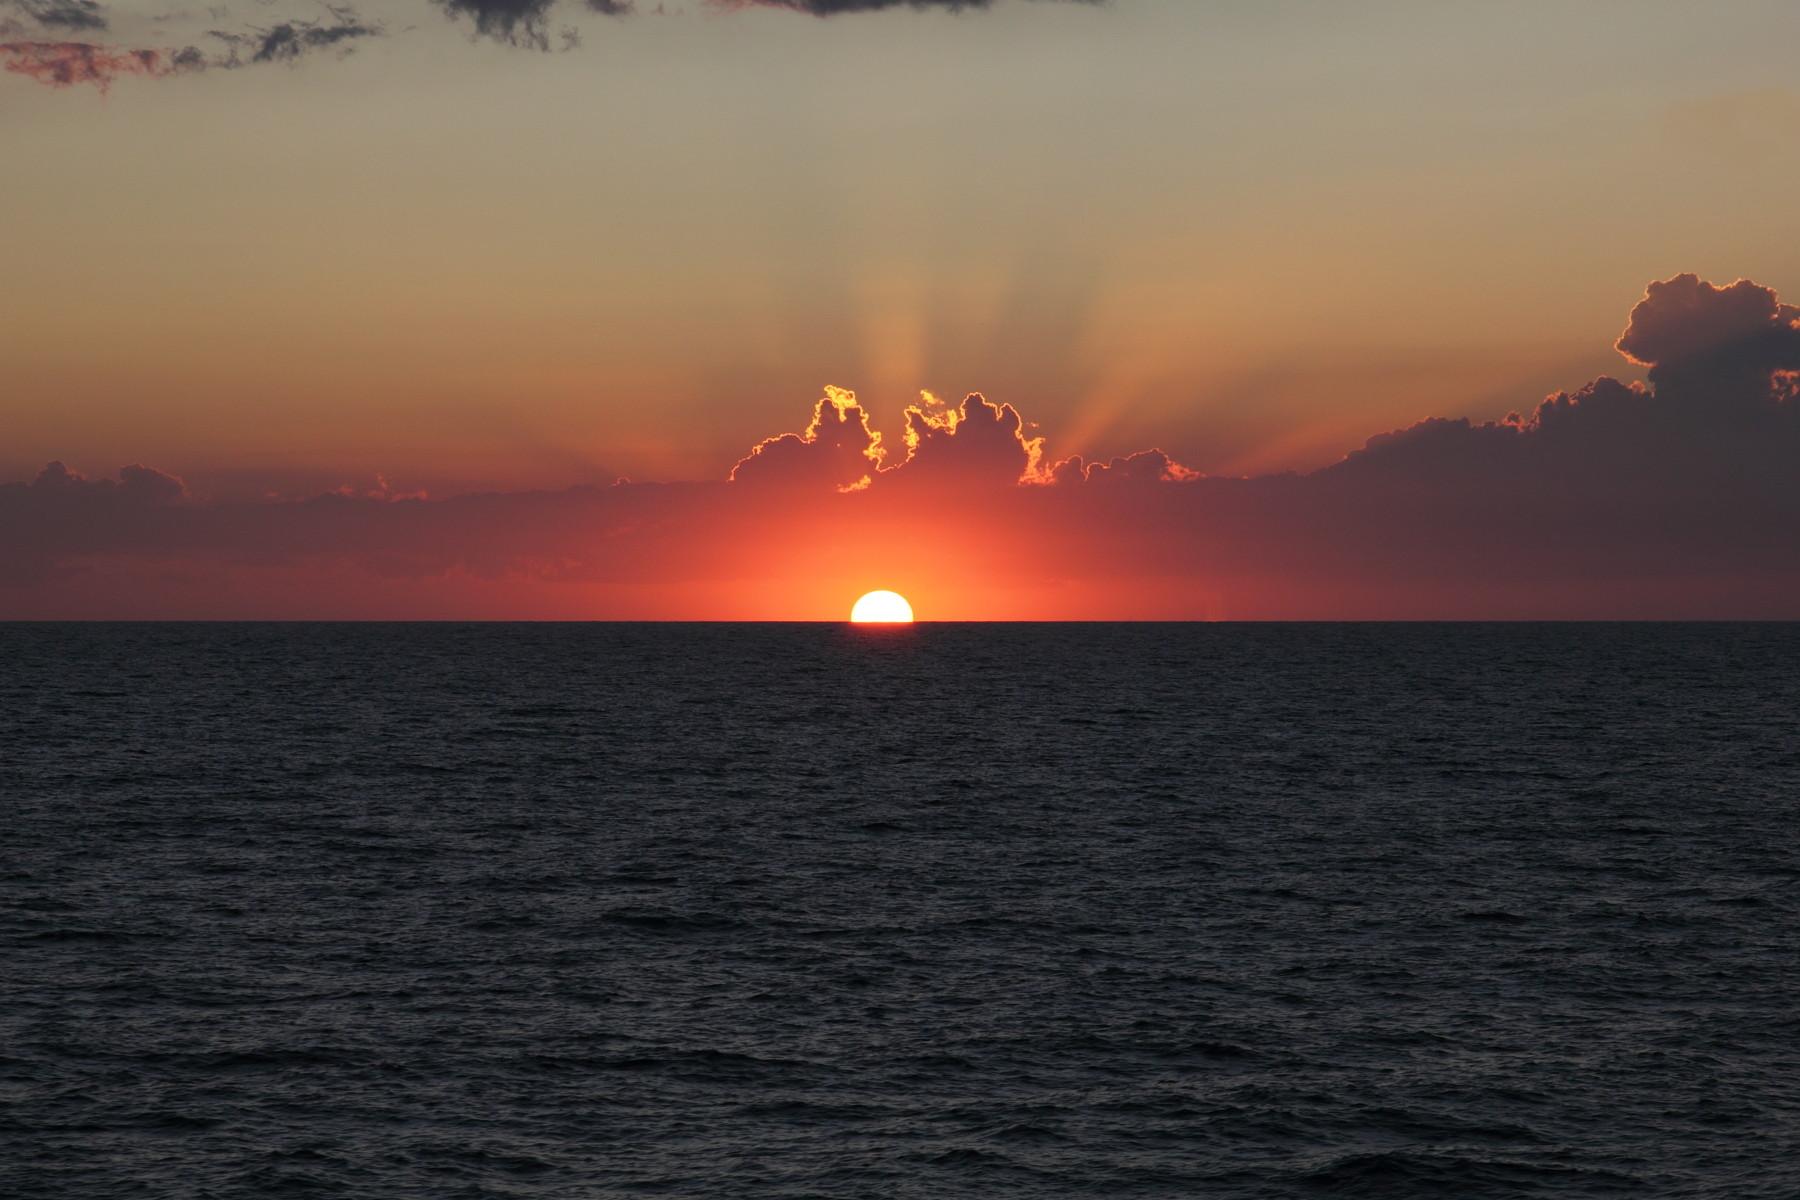 Der erste Sonnenuntergang entzückt uns schon auf der Fähre!